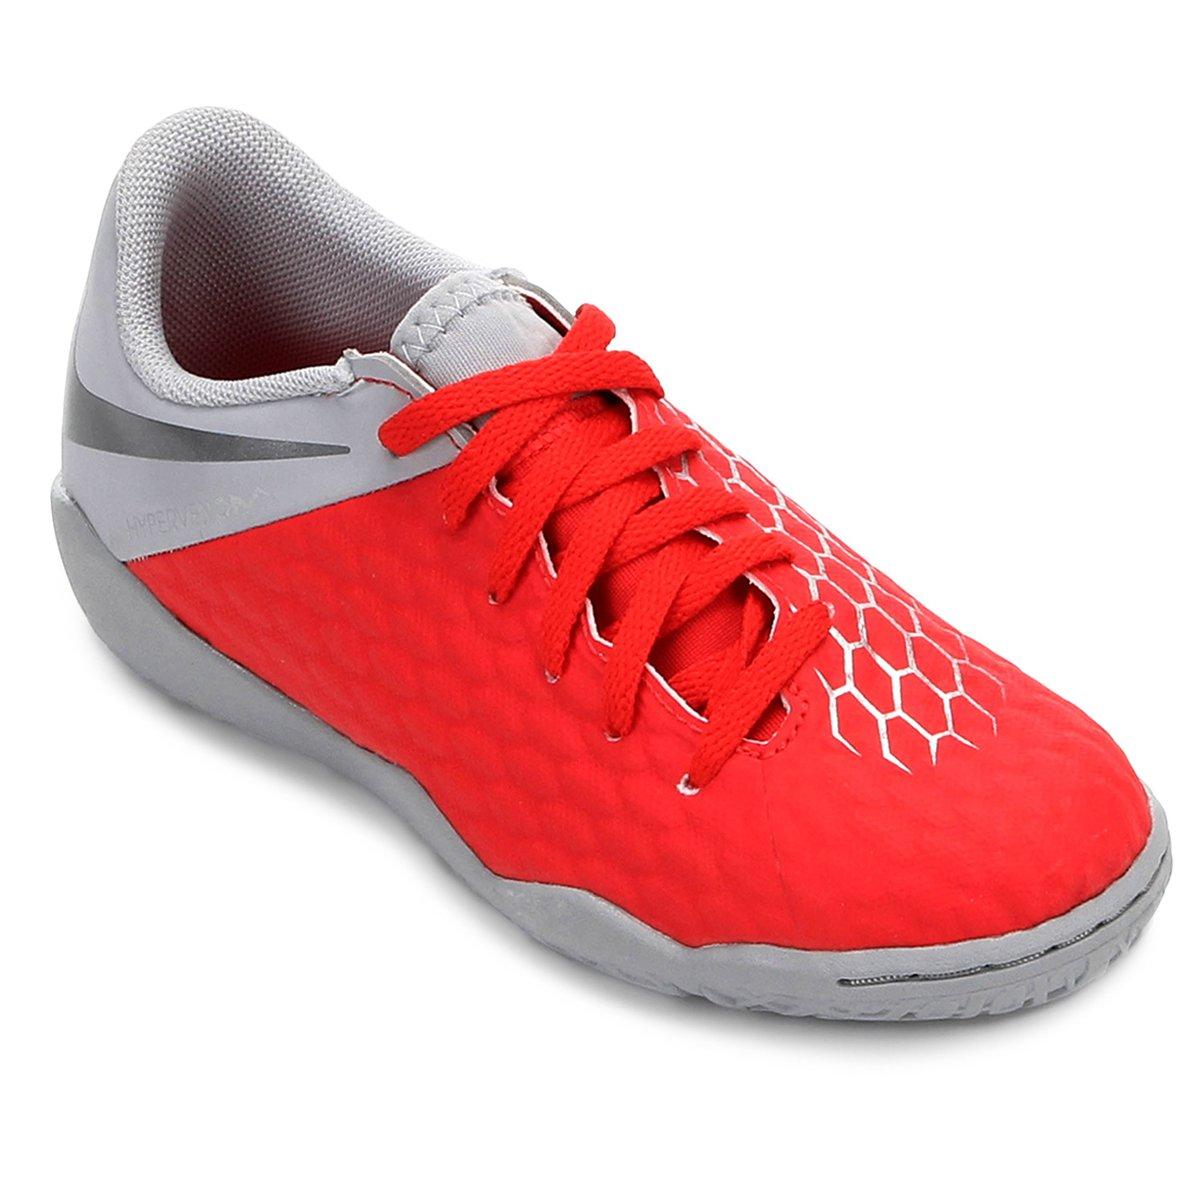 5707213c983 Chuteira Futsal Infantil Nike Hypervenom Phantom 3 Academy IC - Vermelho e  Cinza - Compre Agora